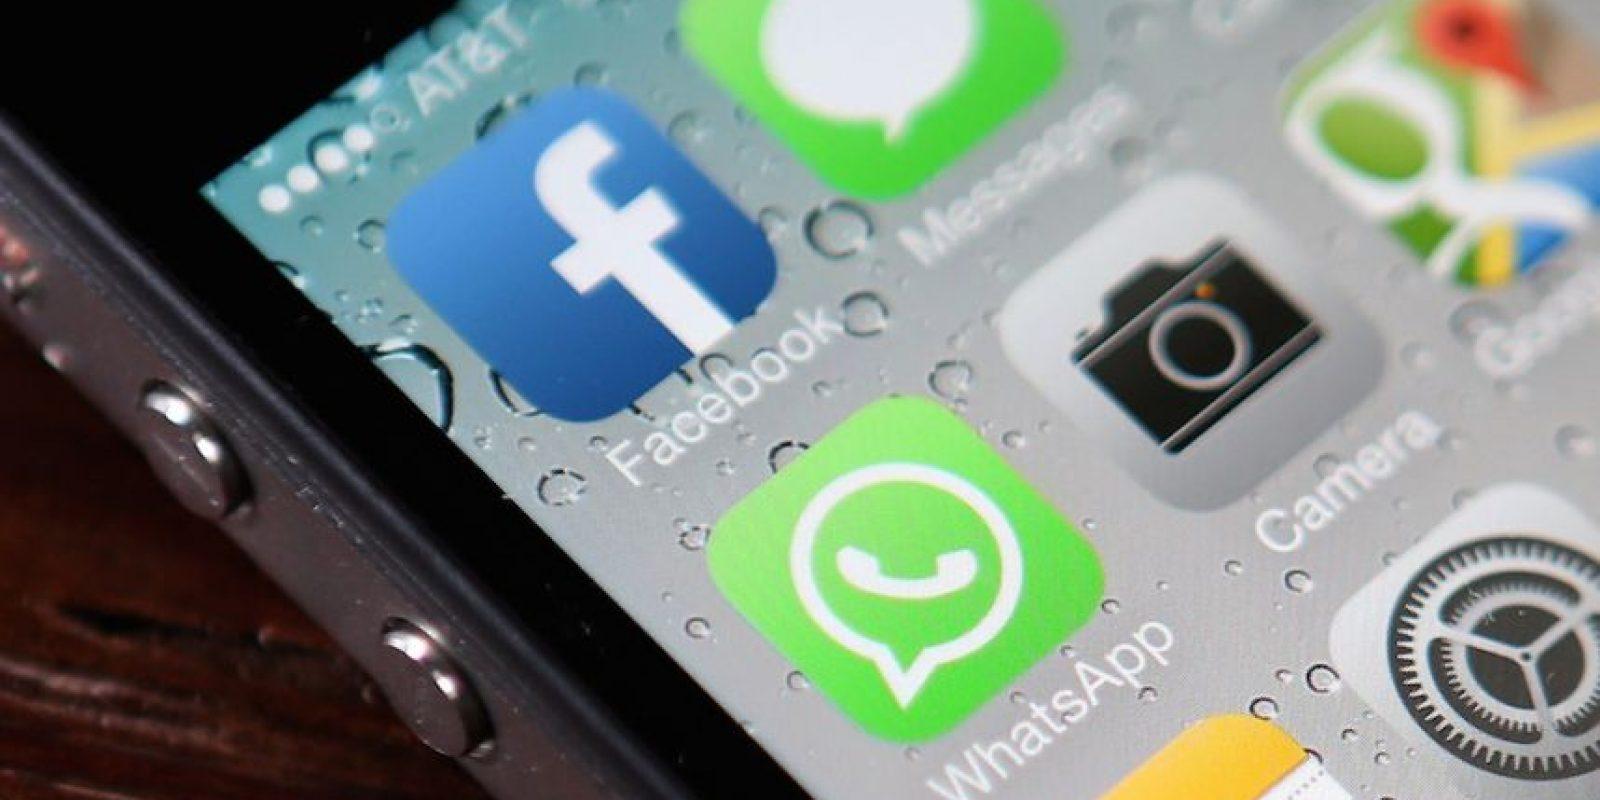 Se conectan a Facebook a través de sus dispositivos móviles (86% según datos de Facebook de enero de 2015). Foto:Getty Images